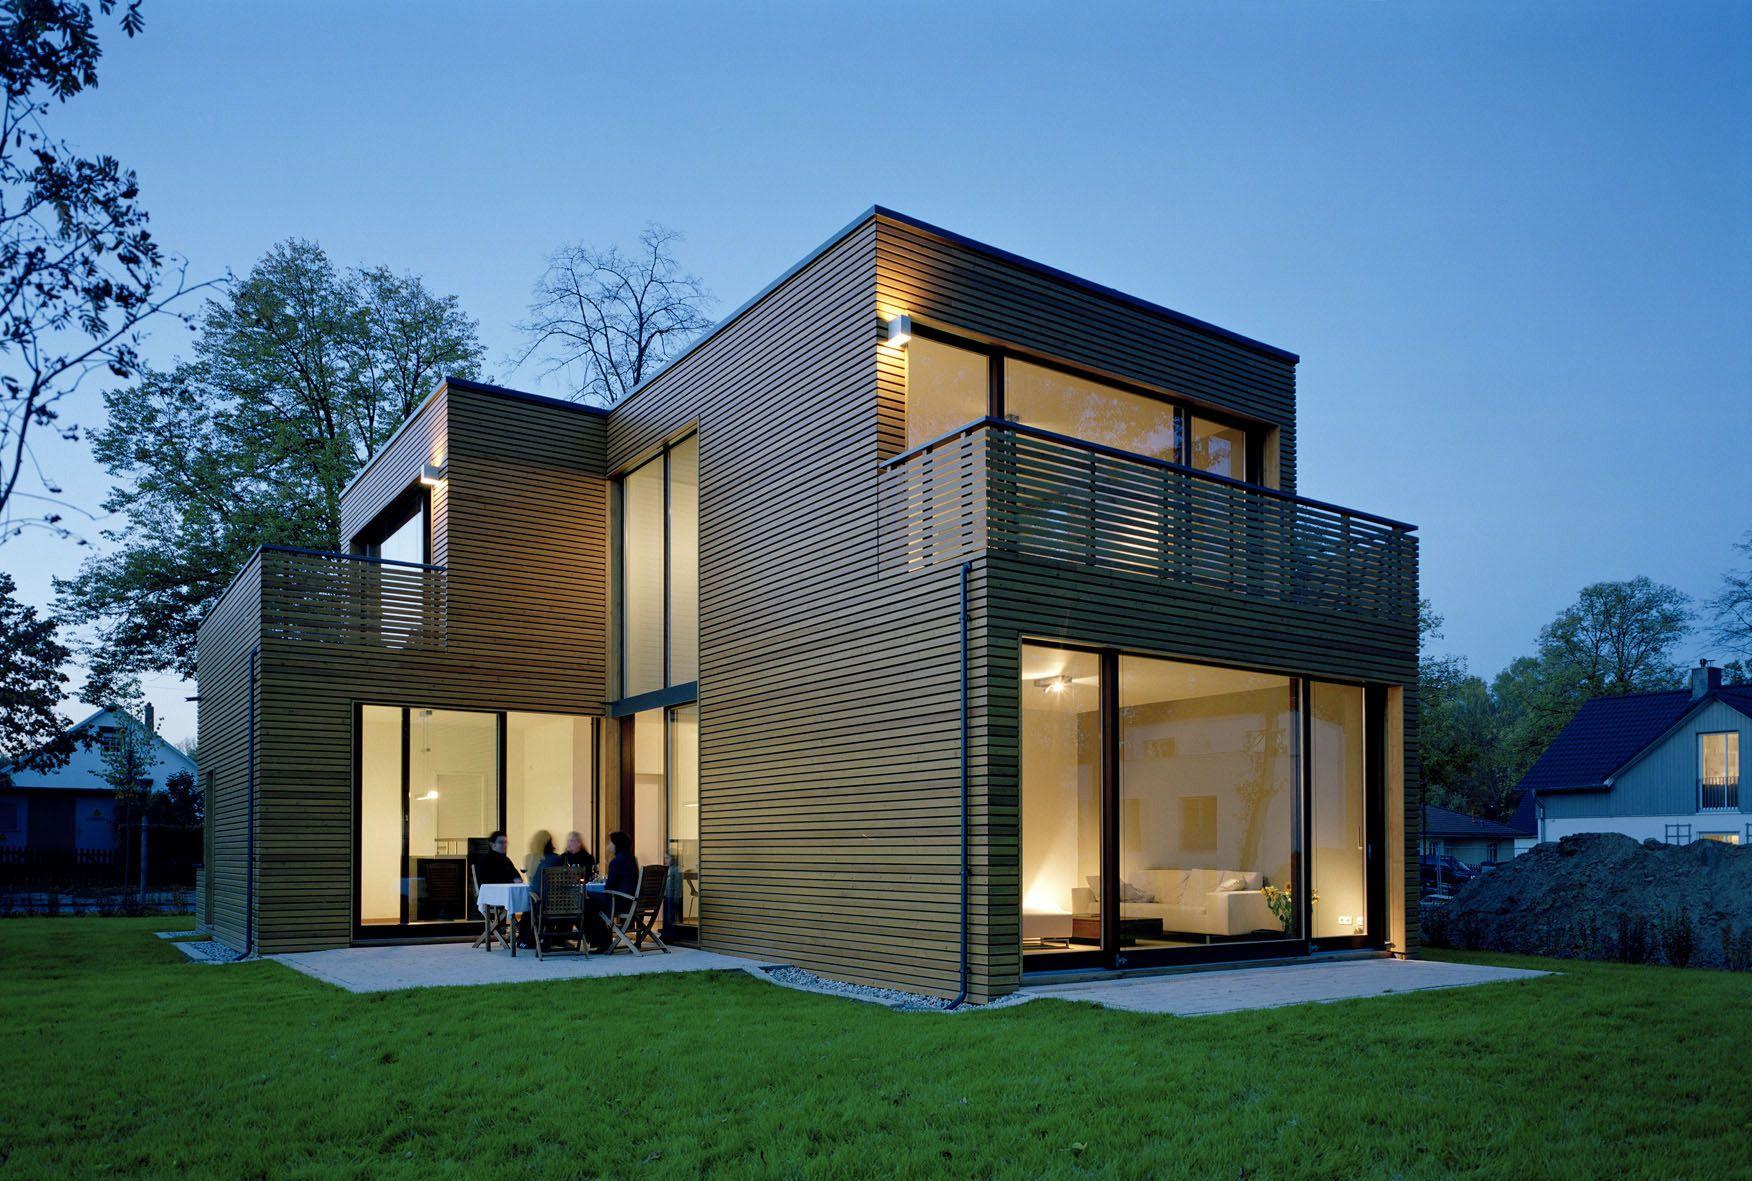 Holz glas beelitz moderne häuser aussen suche leben grafik wohnen